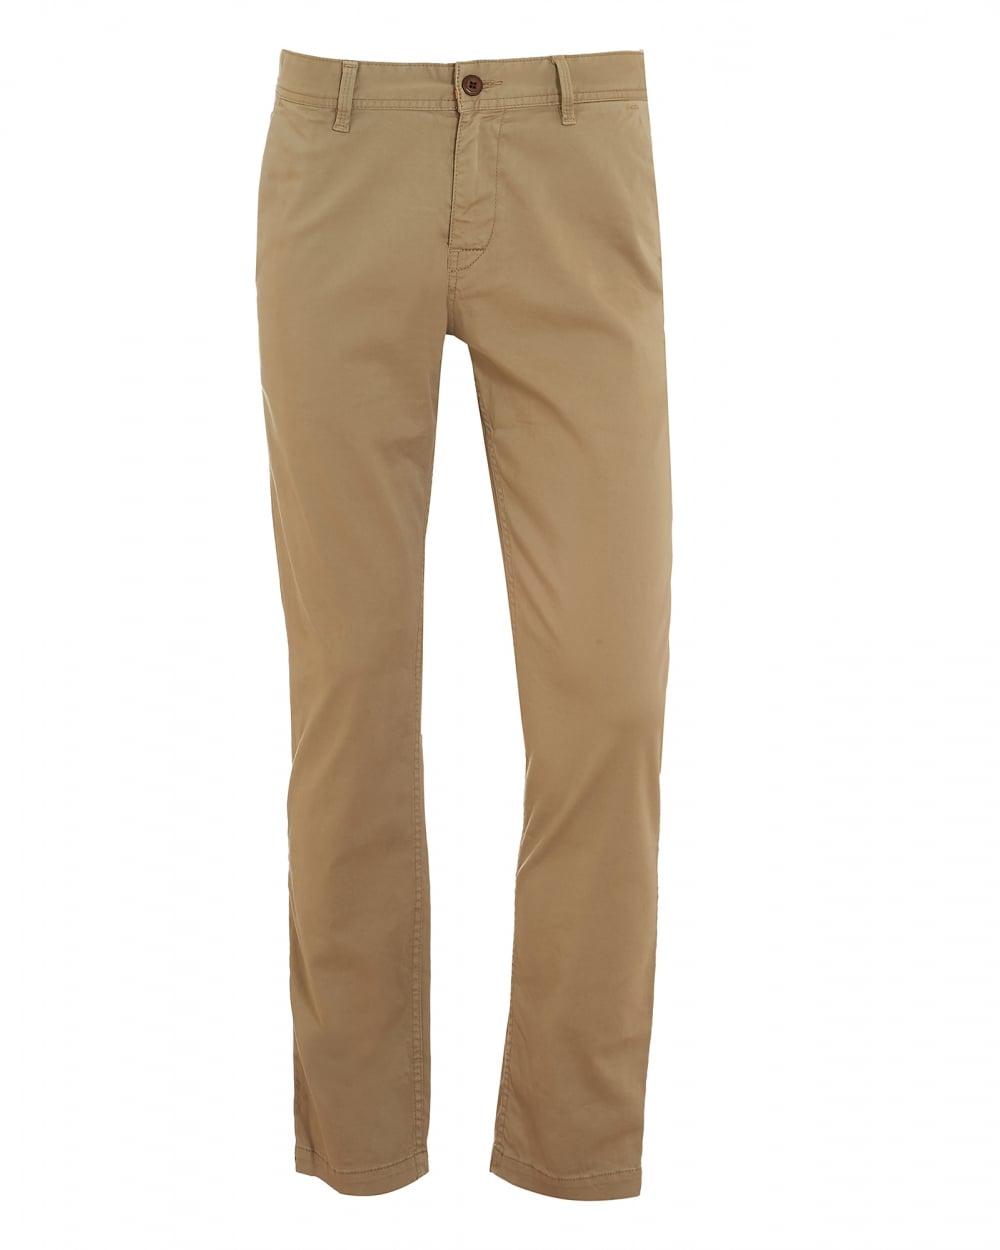 Mens Schino-Slim1-D Chinos, Slim Stretch Cotton Beige Trousers